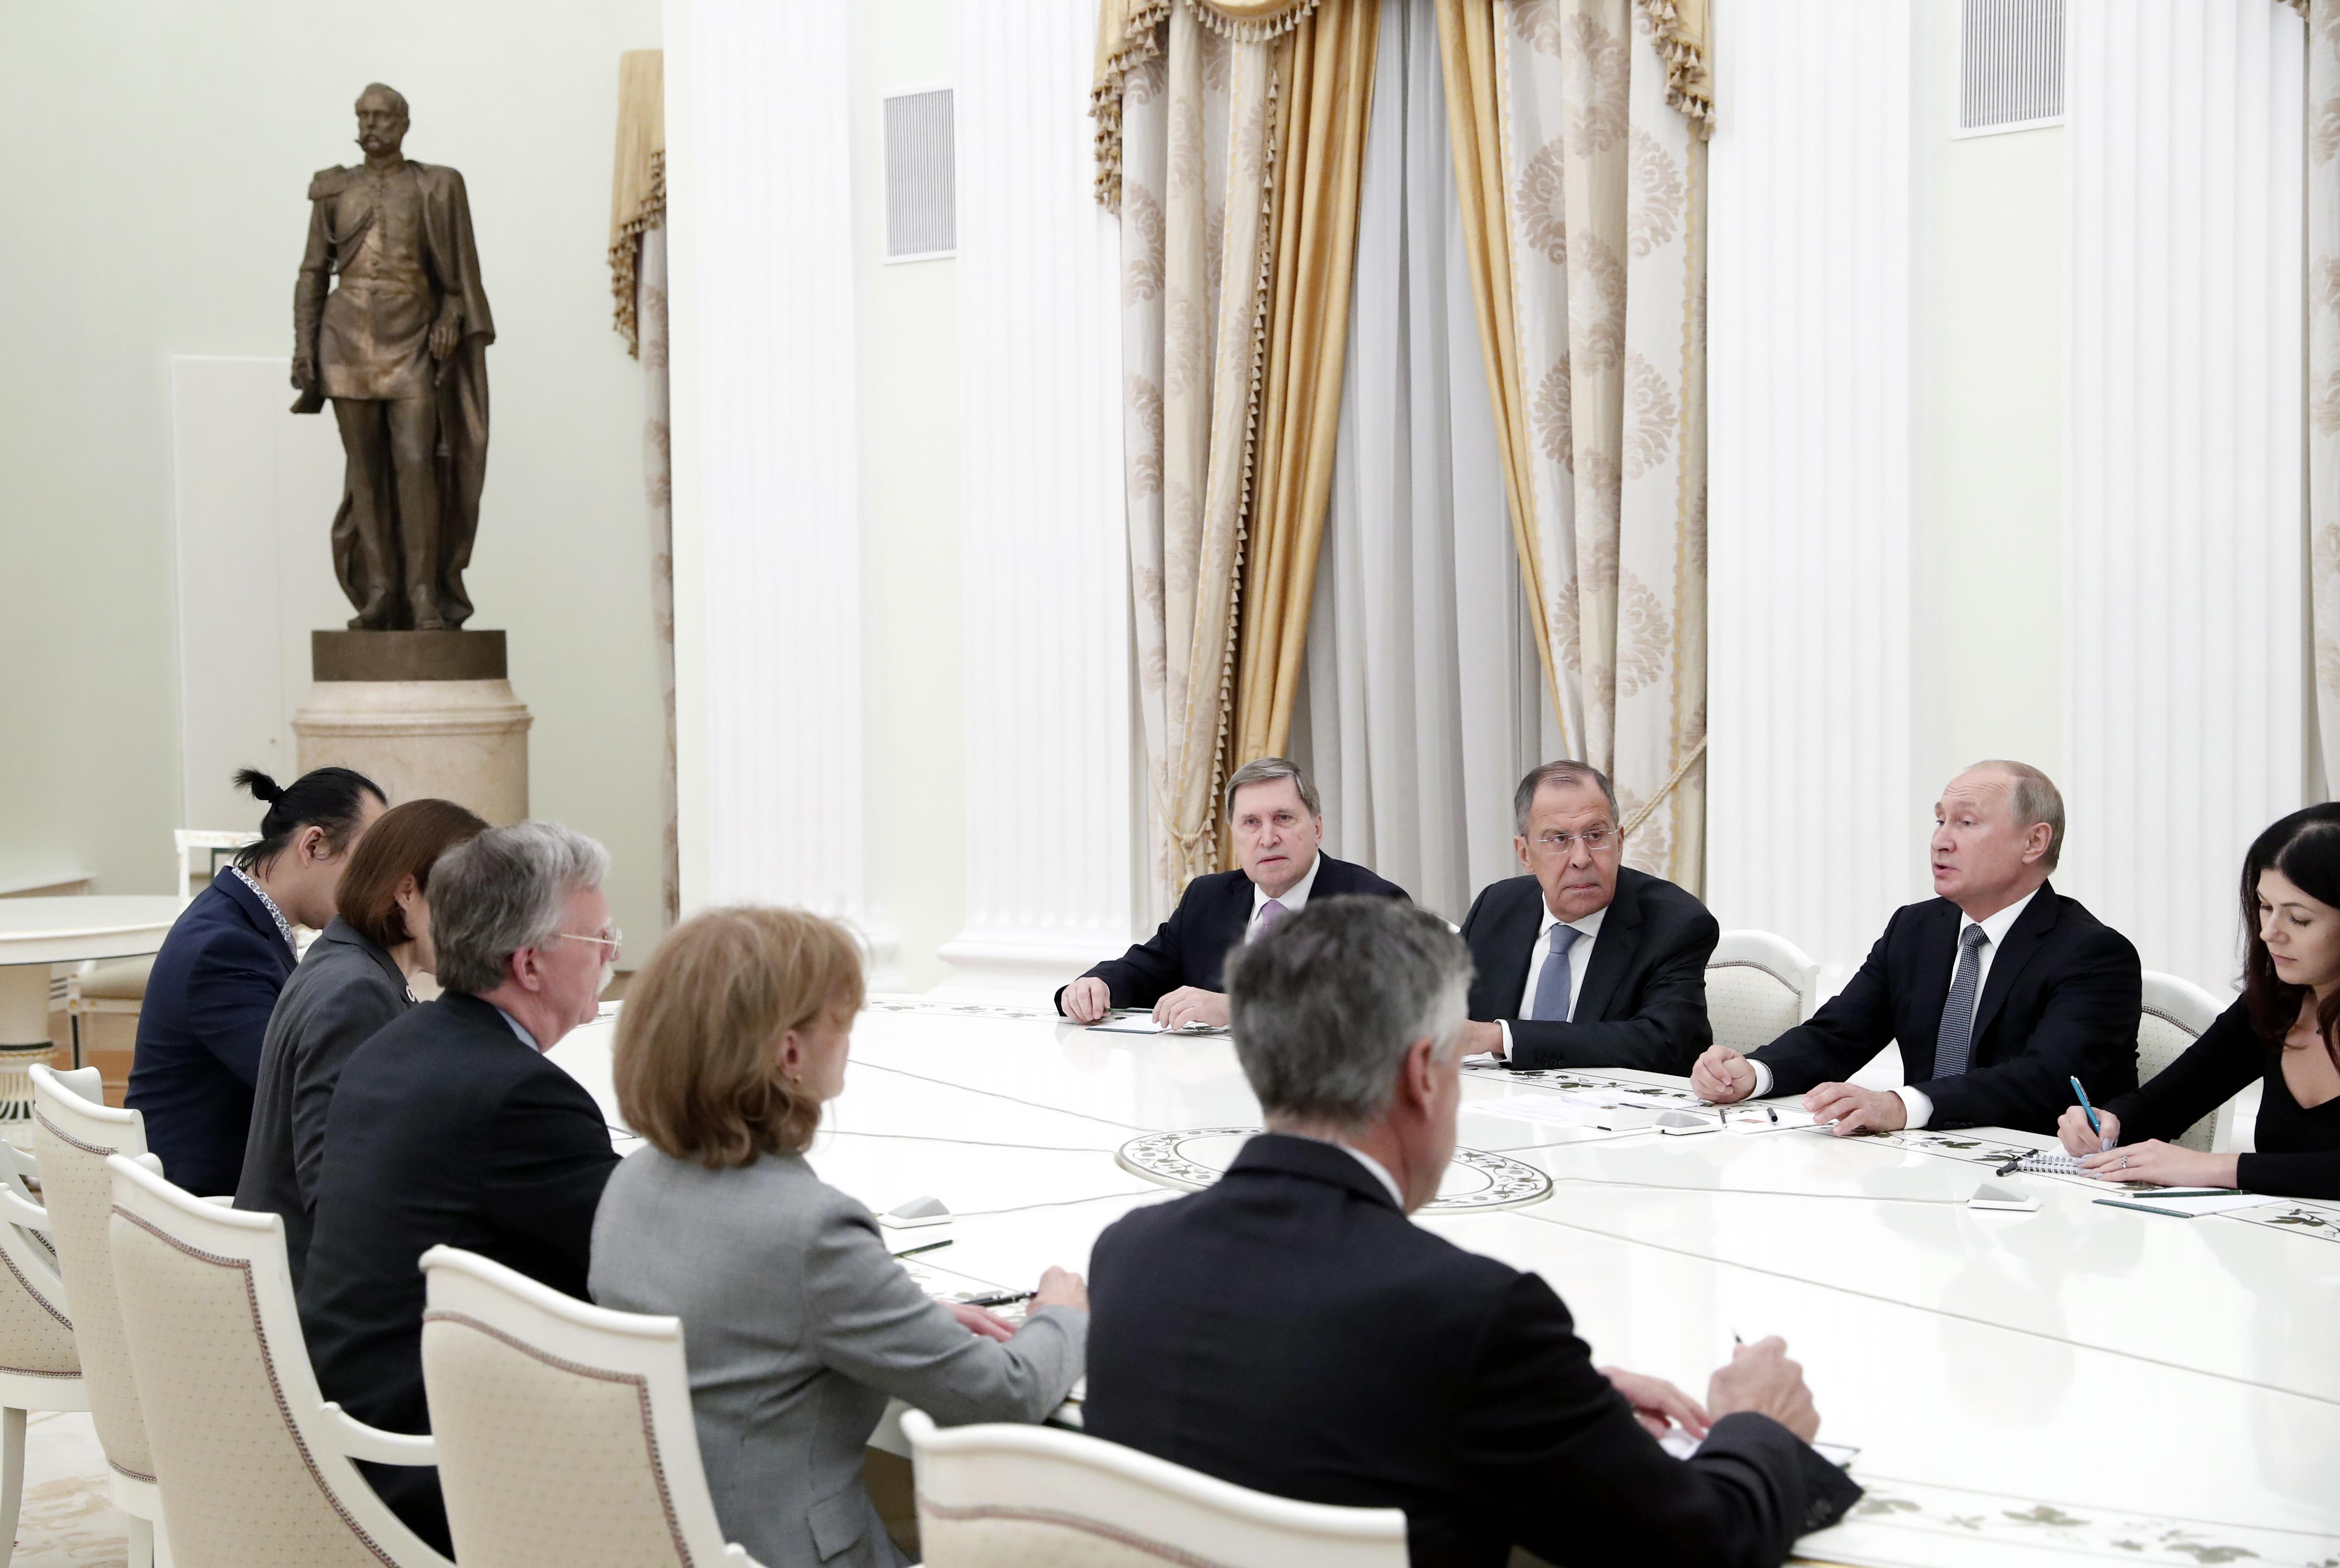 Postignut preliminarni dogovor o sastanku Trumpa i Putina u Parizu